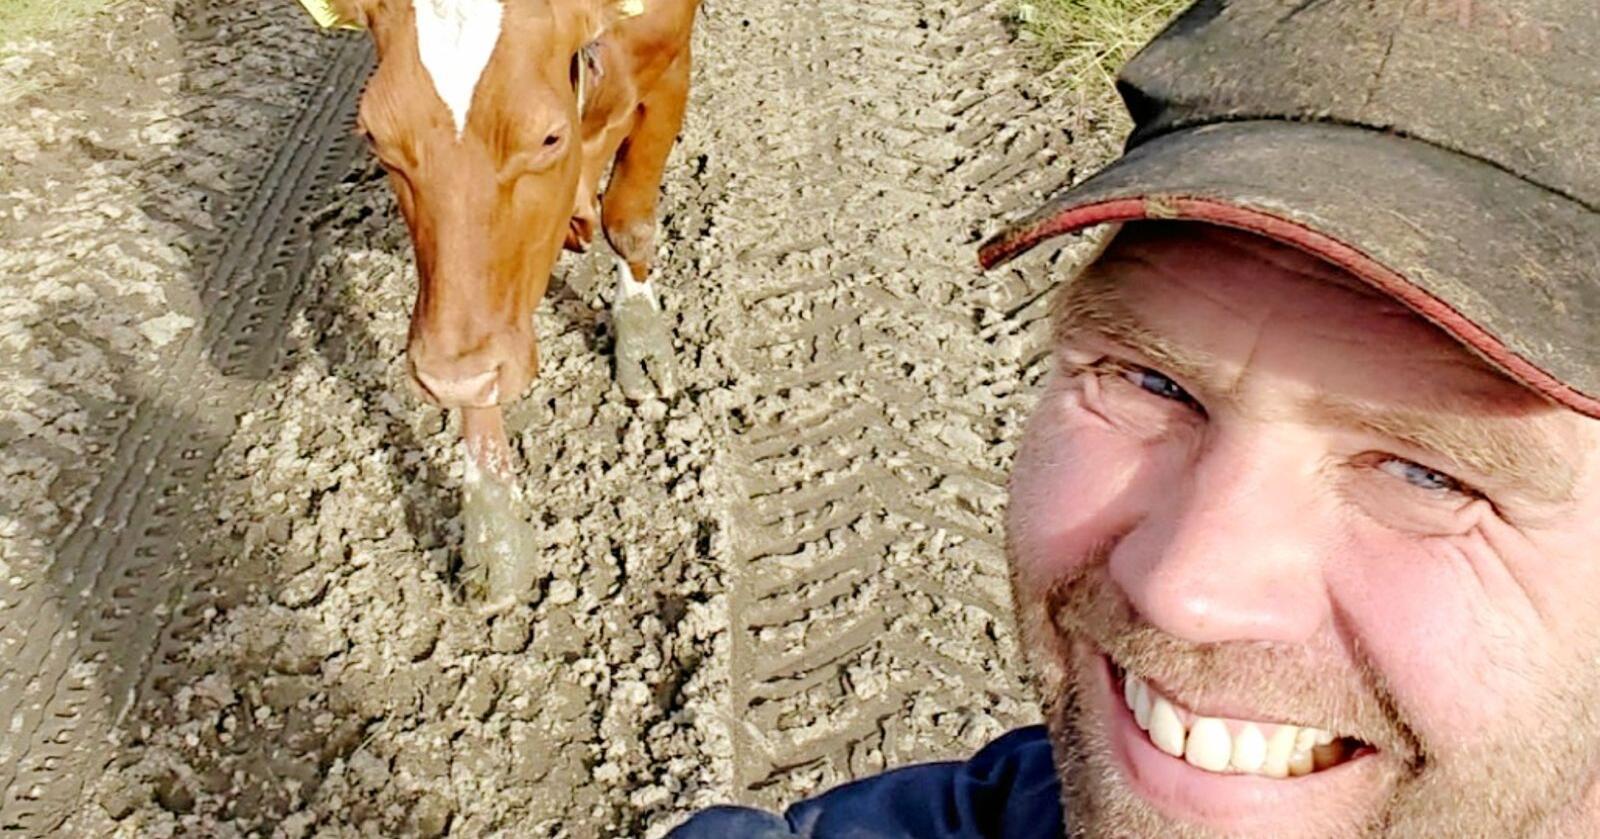 Kristian Hines tykkjer at det verkar veldig urettferdig at bønder og kyr får skulda for klimaendringane. Foto: Privat.